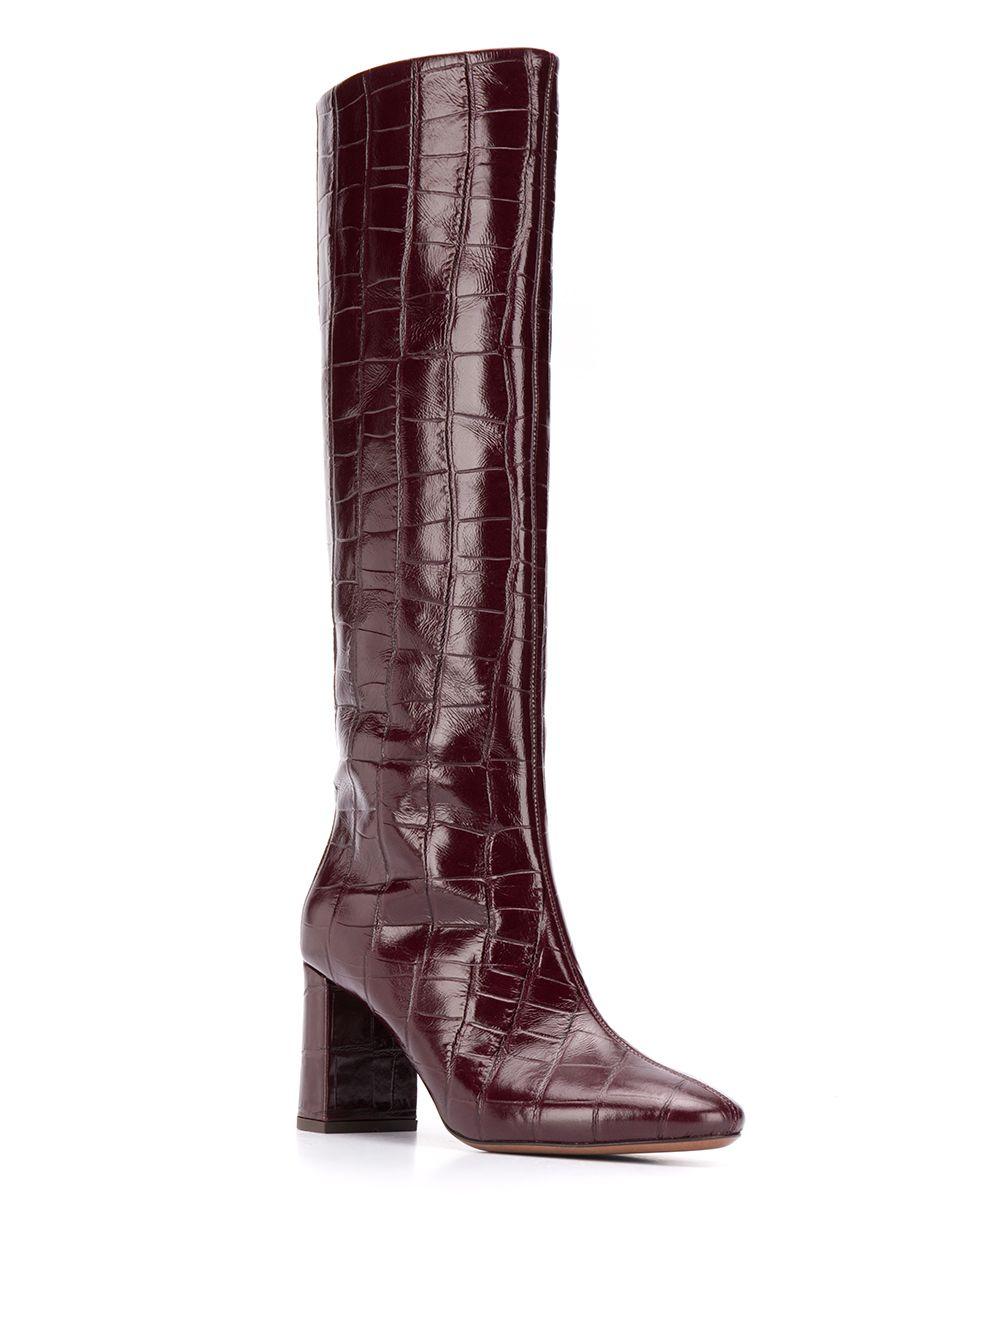 Burgundy 100% leather knee-length croc effect boots  L'AUTRE CHOSE      OSM108.75WP30284018